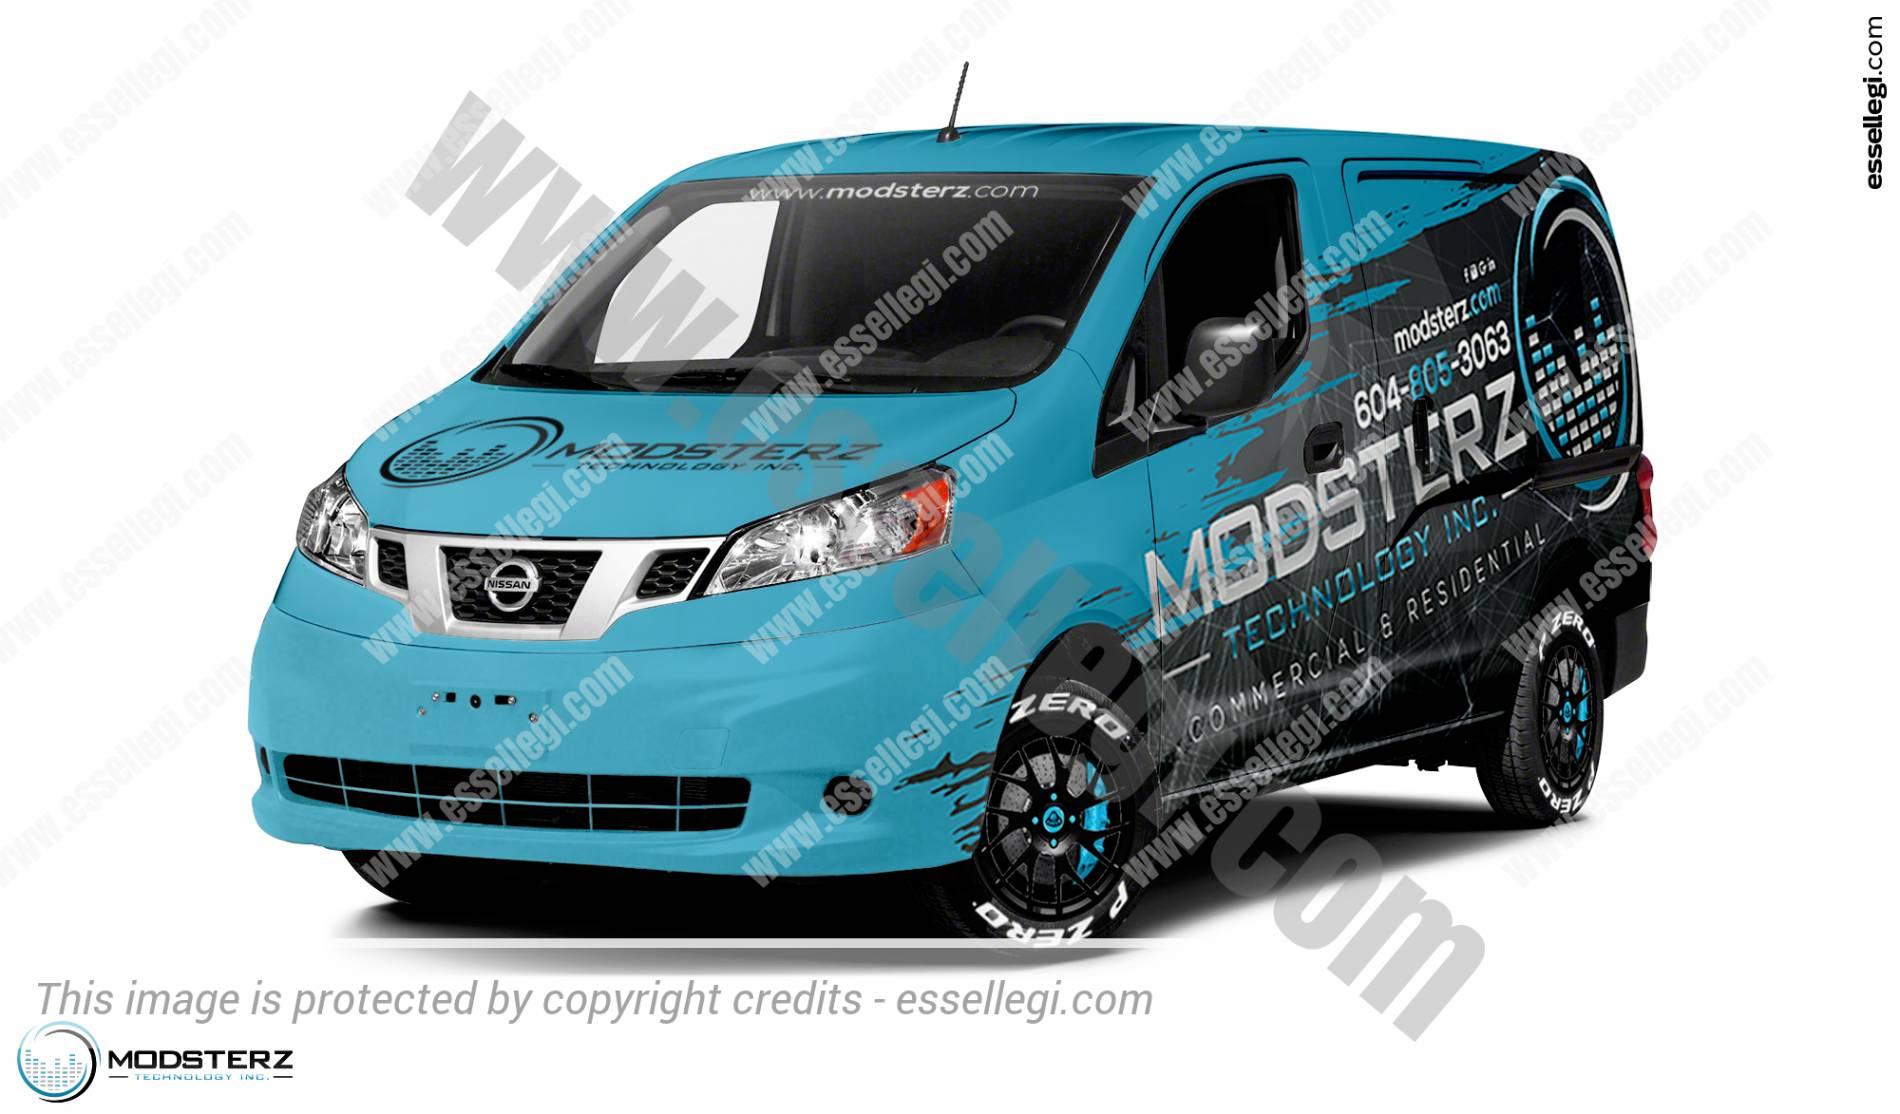 Nissan NV200 | Van Wrap Design by Essellegi. Van Signs, Van Signage, Van Wrapping, Van Signwriting, Van Wrap Designer, Signs for Van, Van Logo, Van Graphic by Essellegi.